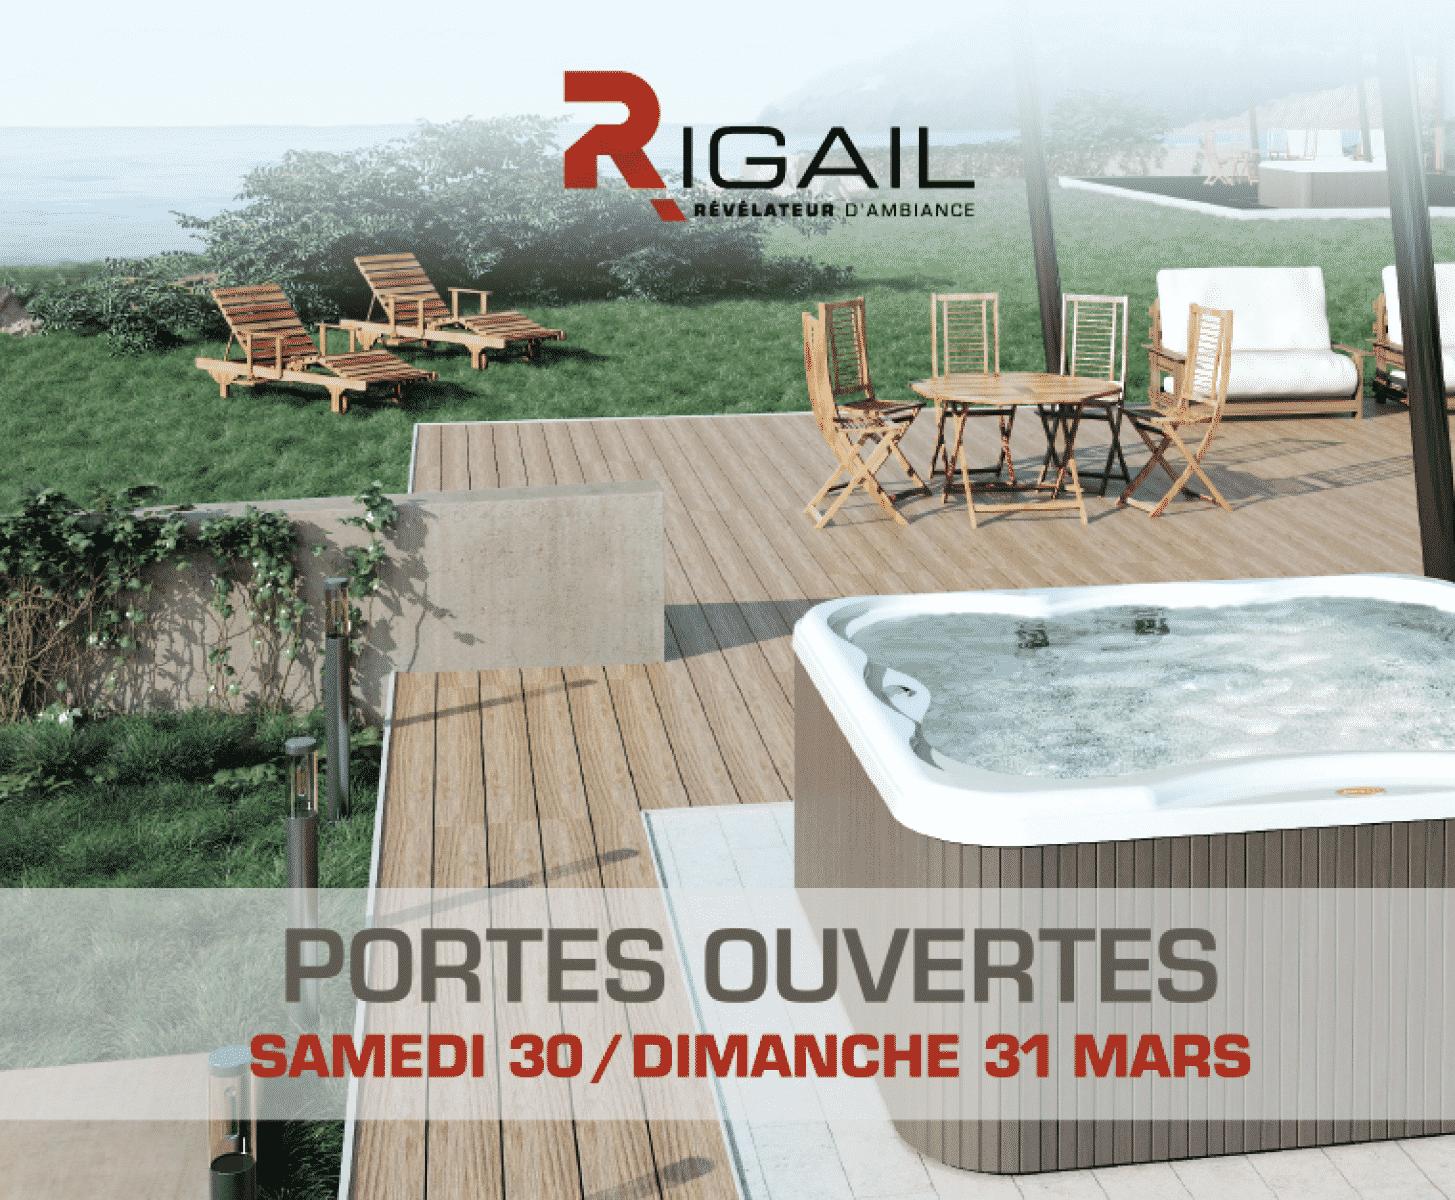 Portes ouvertes Rigail mars 2019